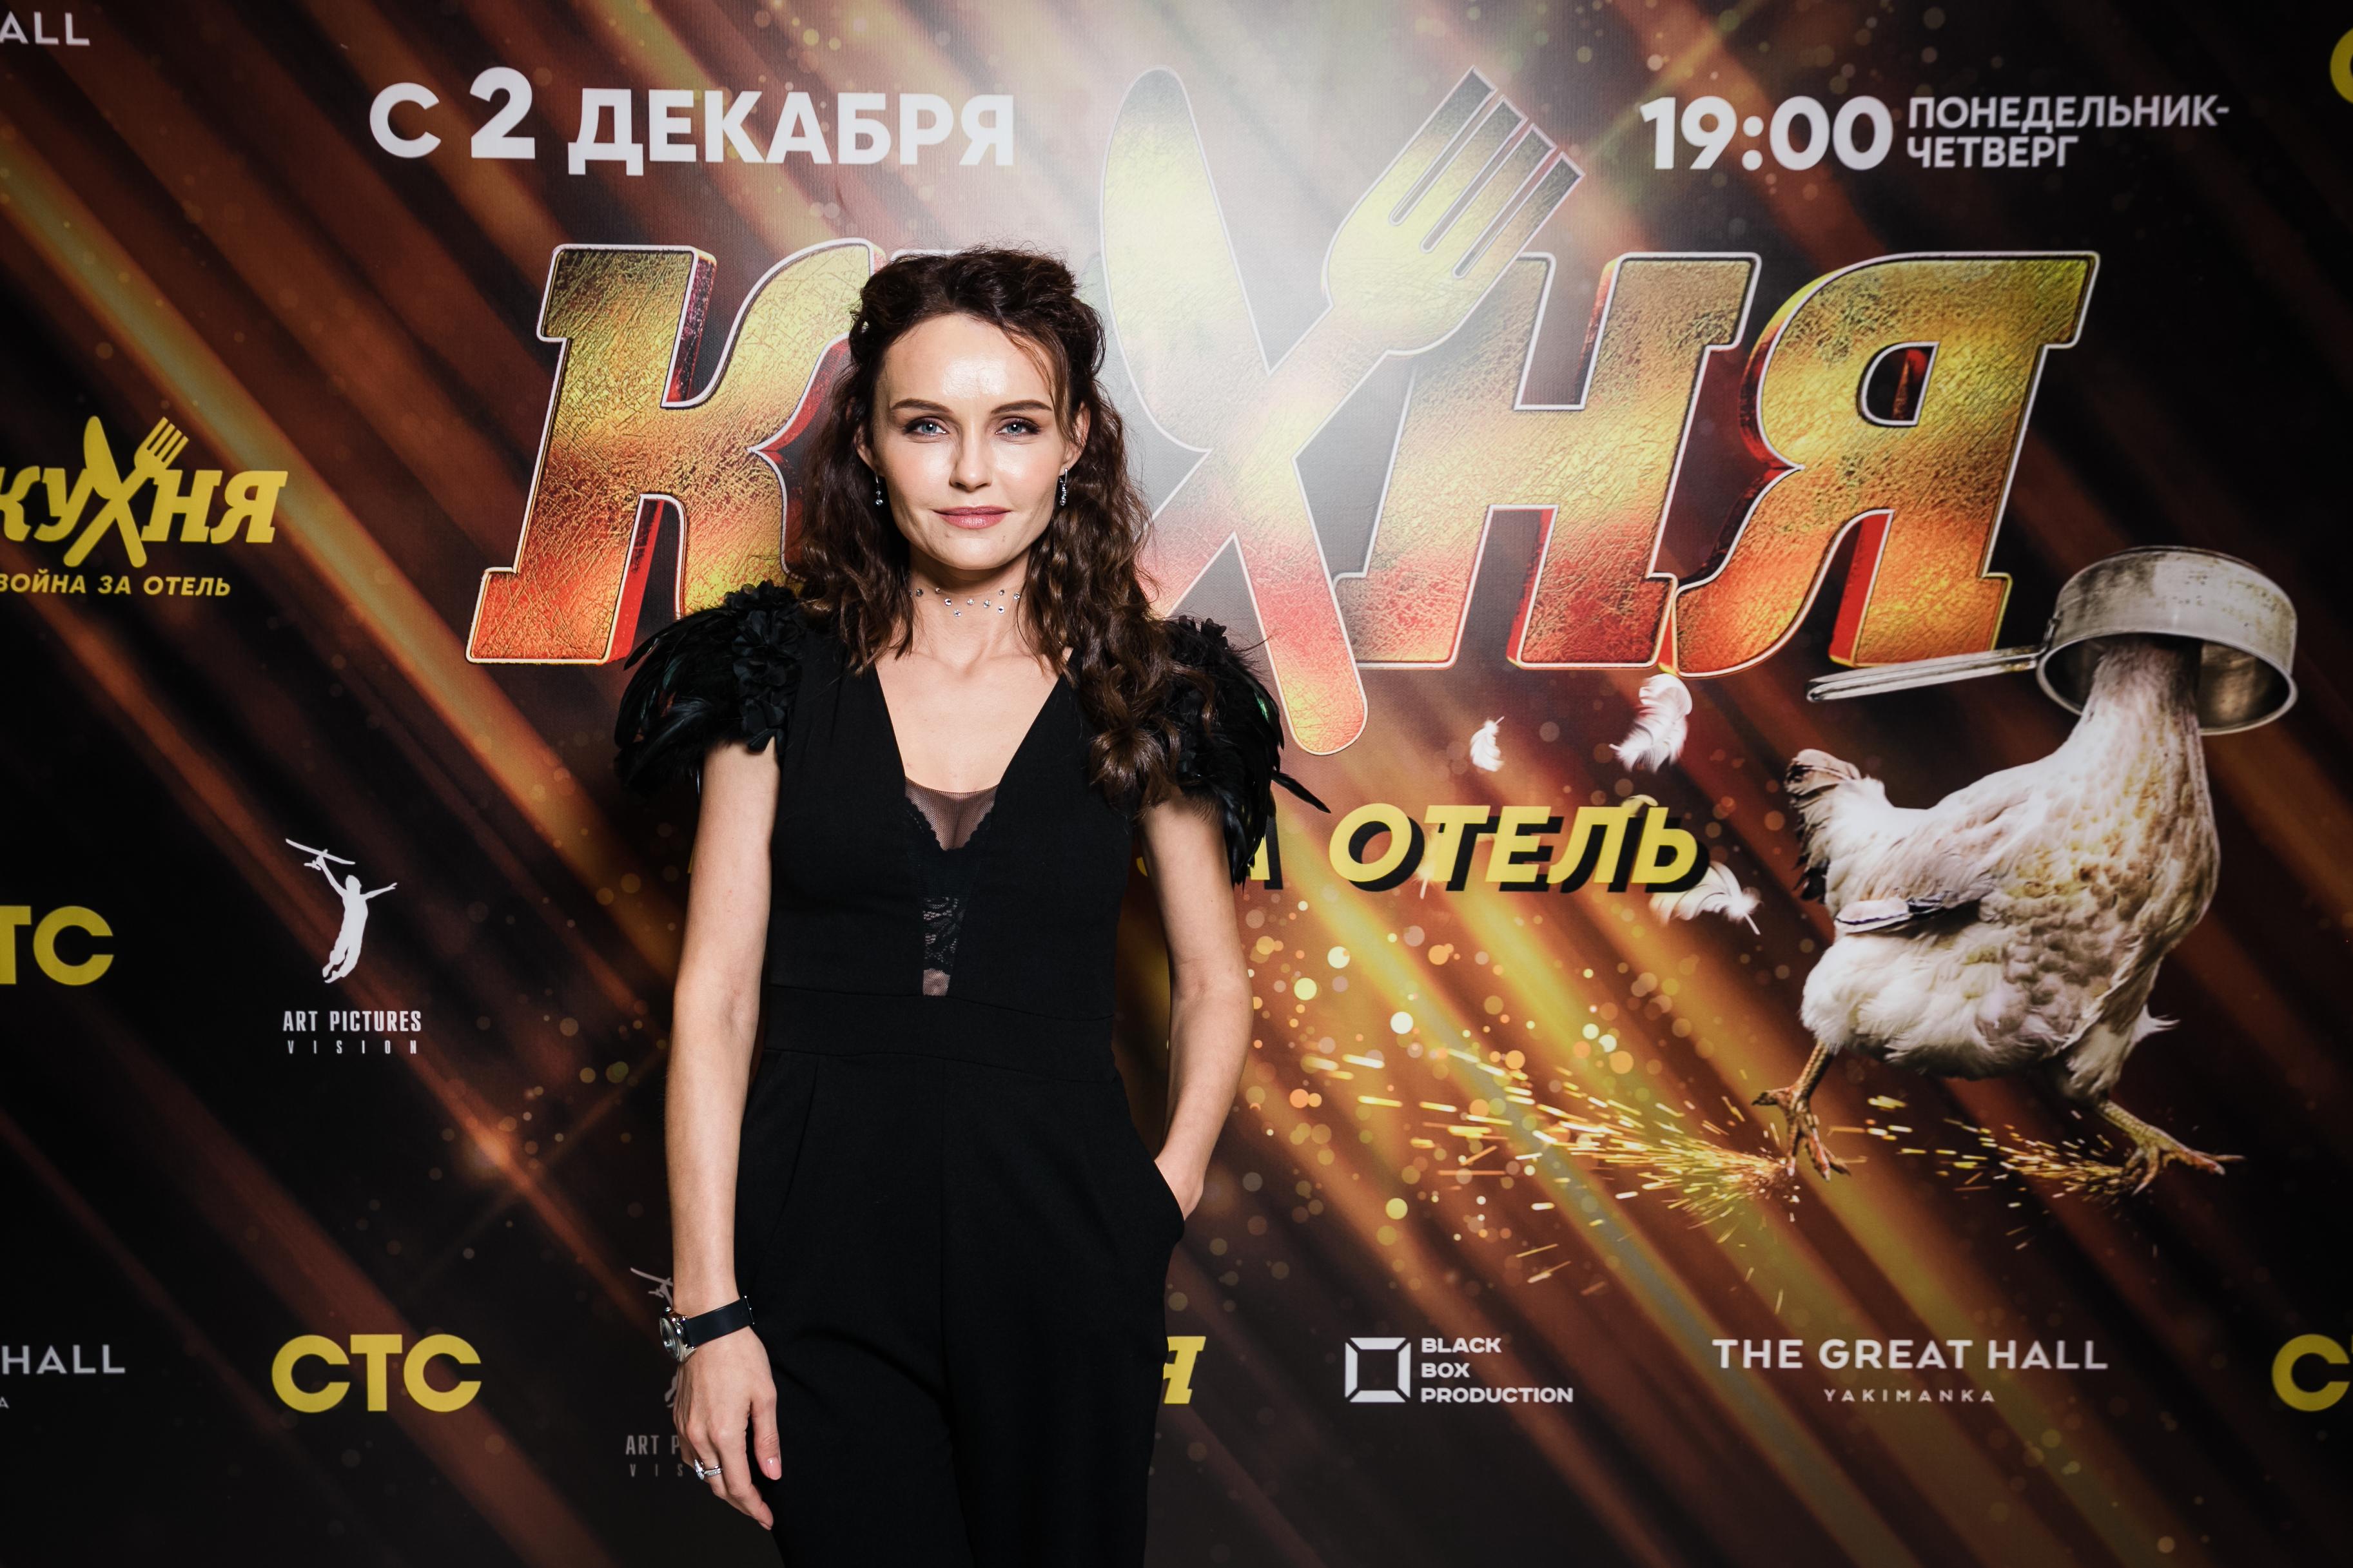 Голая Мария Ульянова Война За Отель